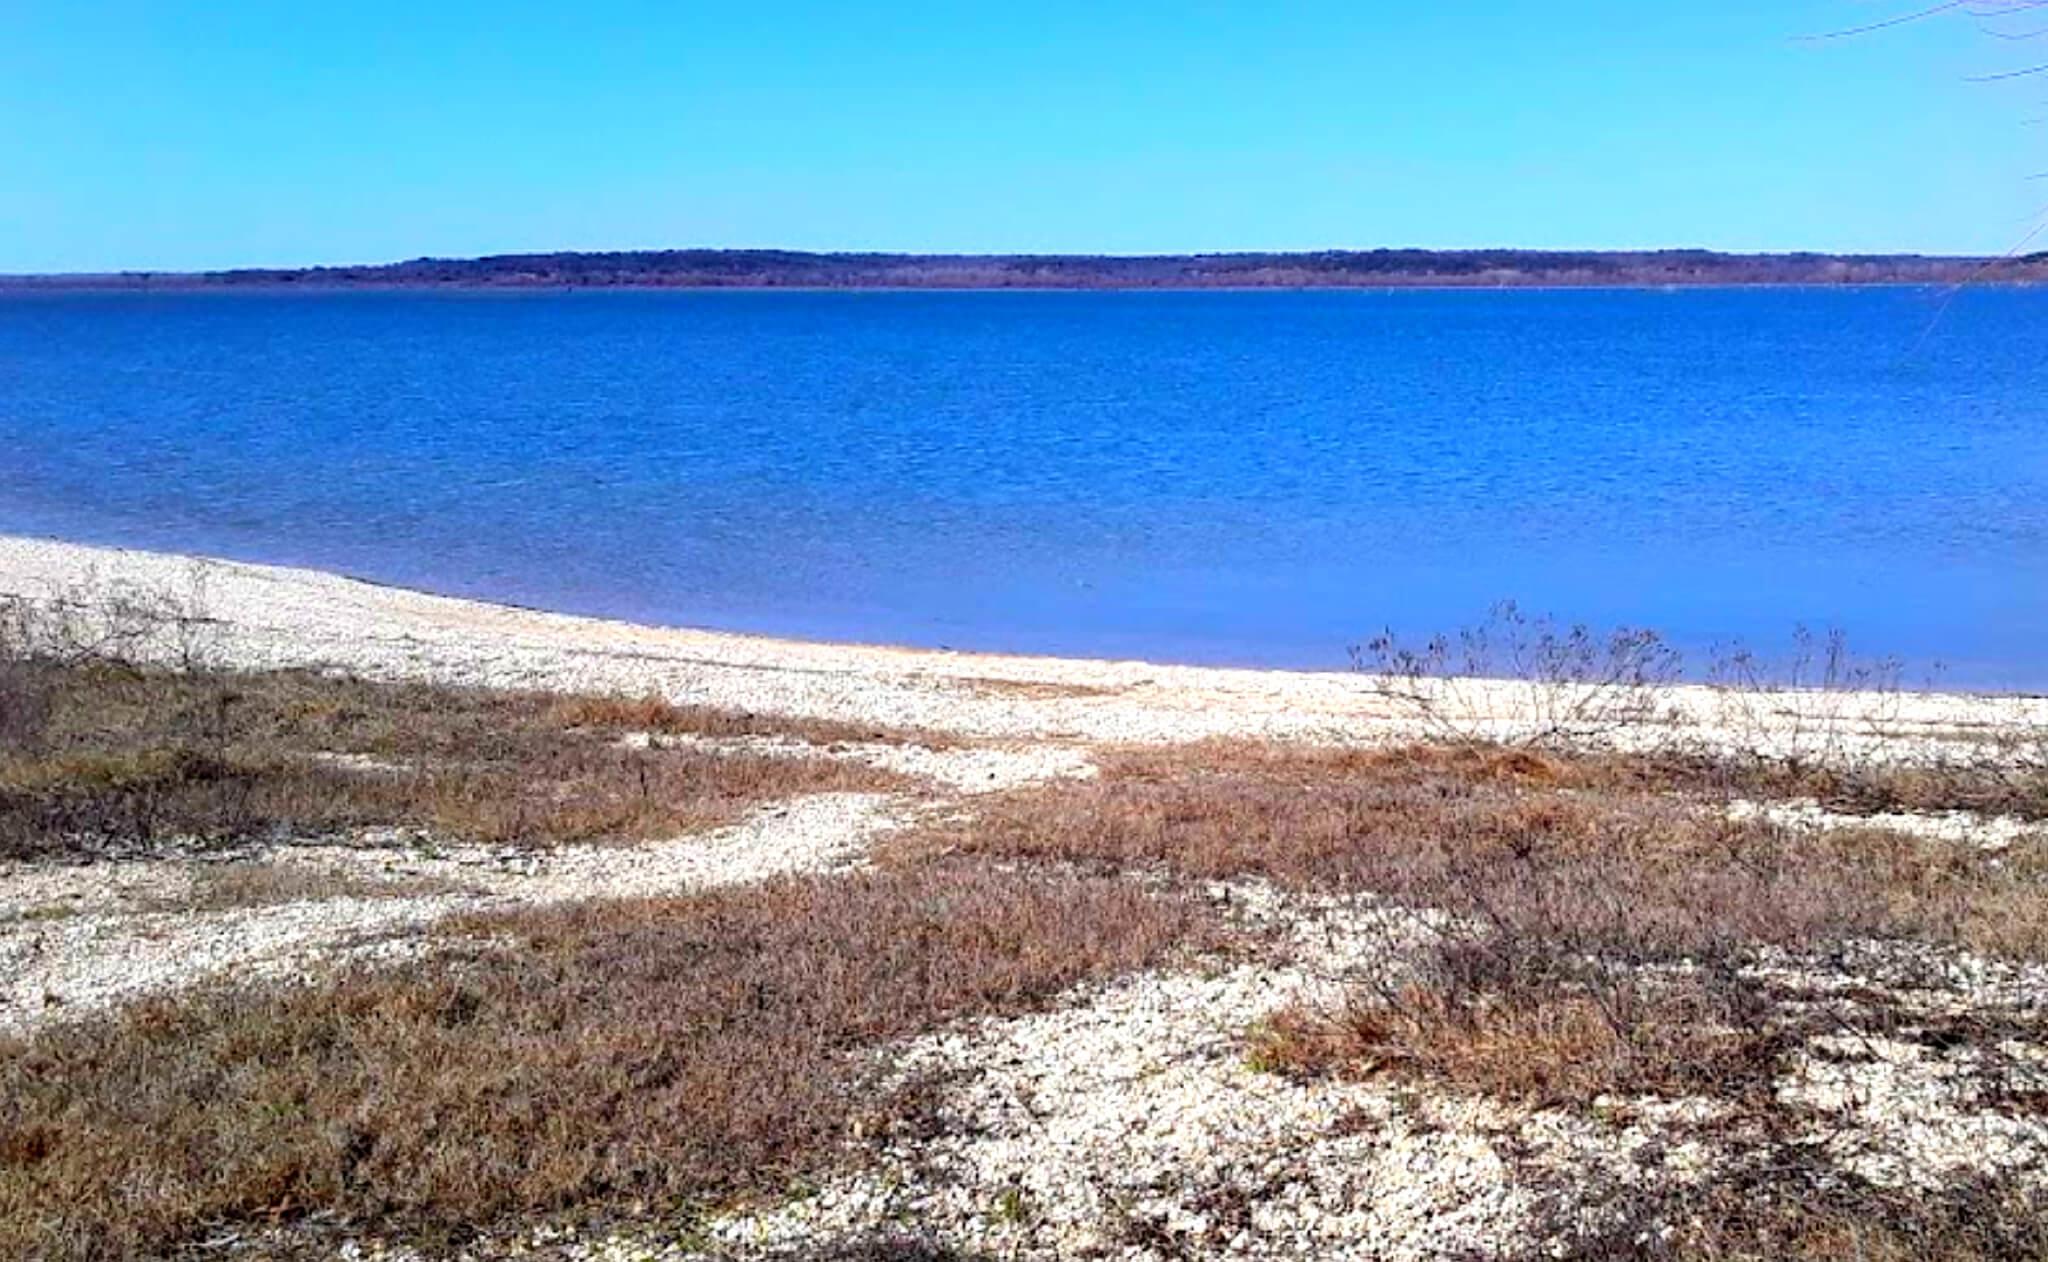 Whitney-Lake-Fishing-Report-Guide-Texas-TX-01